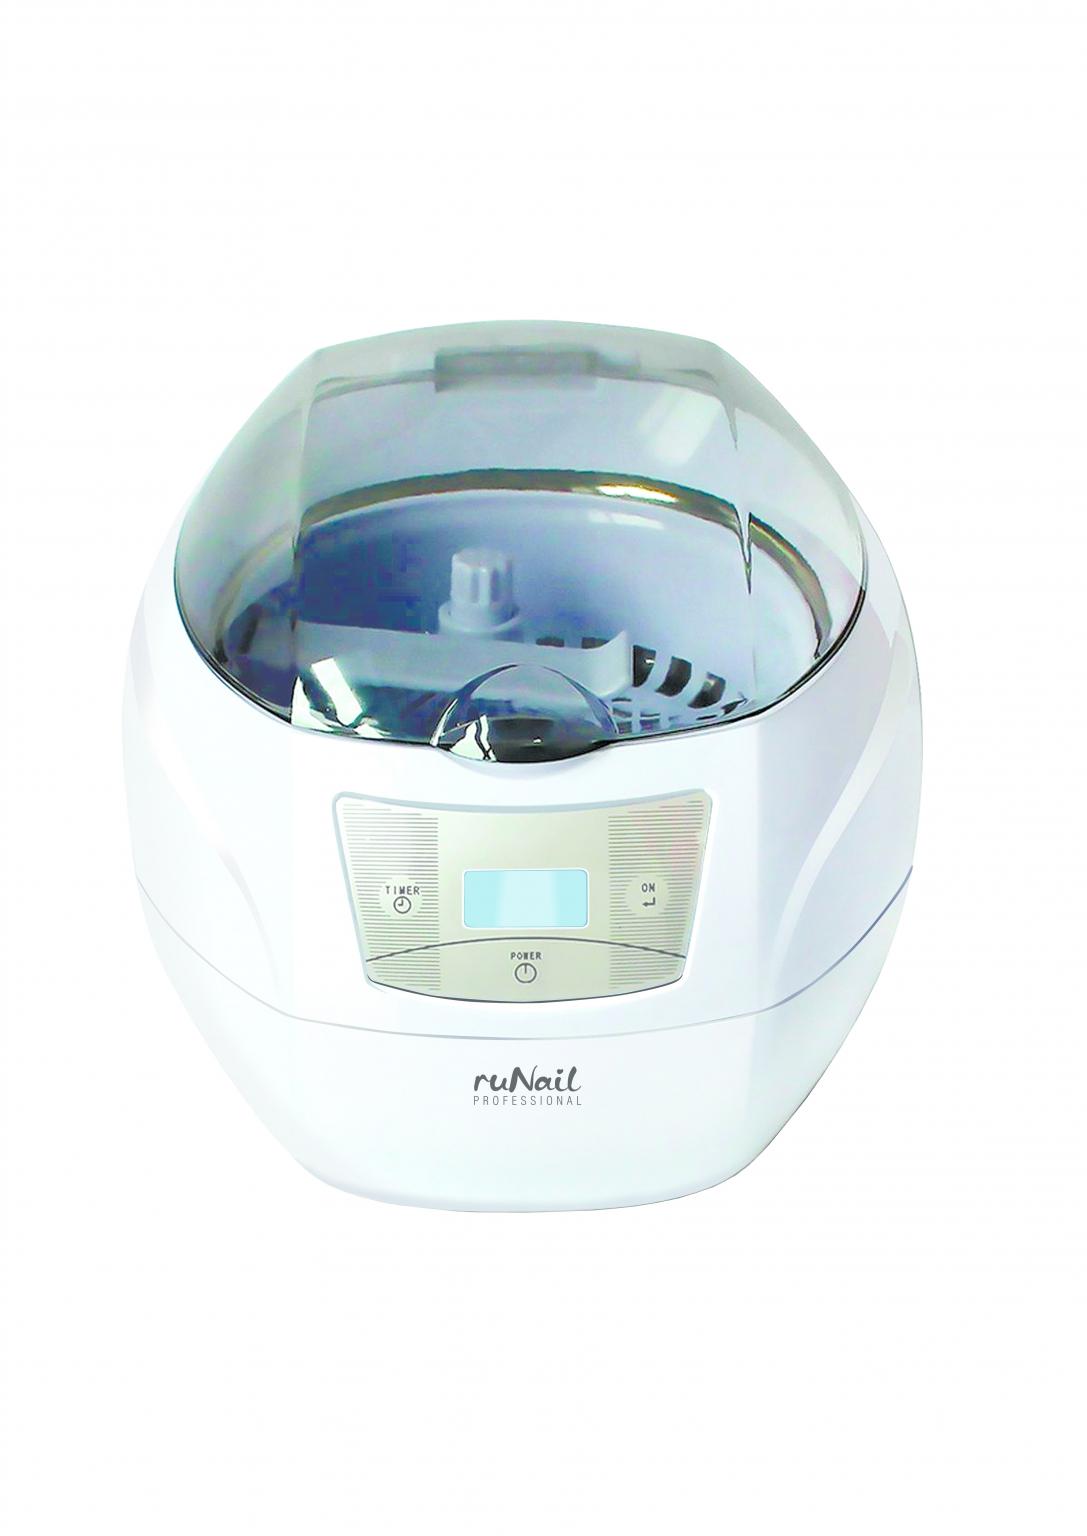 Прибор ультразвуковой для стерилизации инструментов, 35Вт №3457